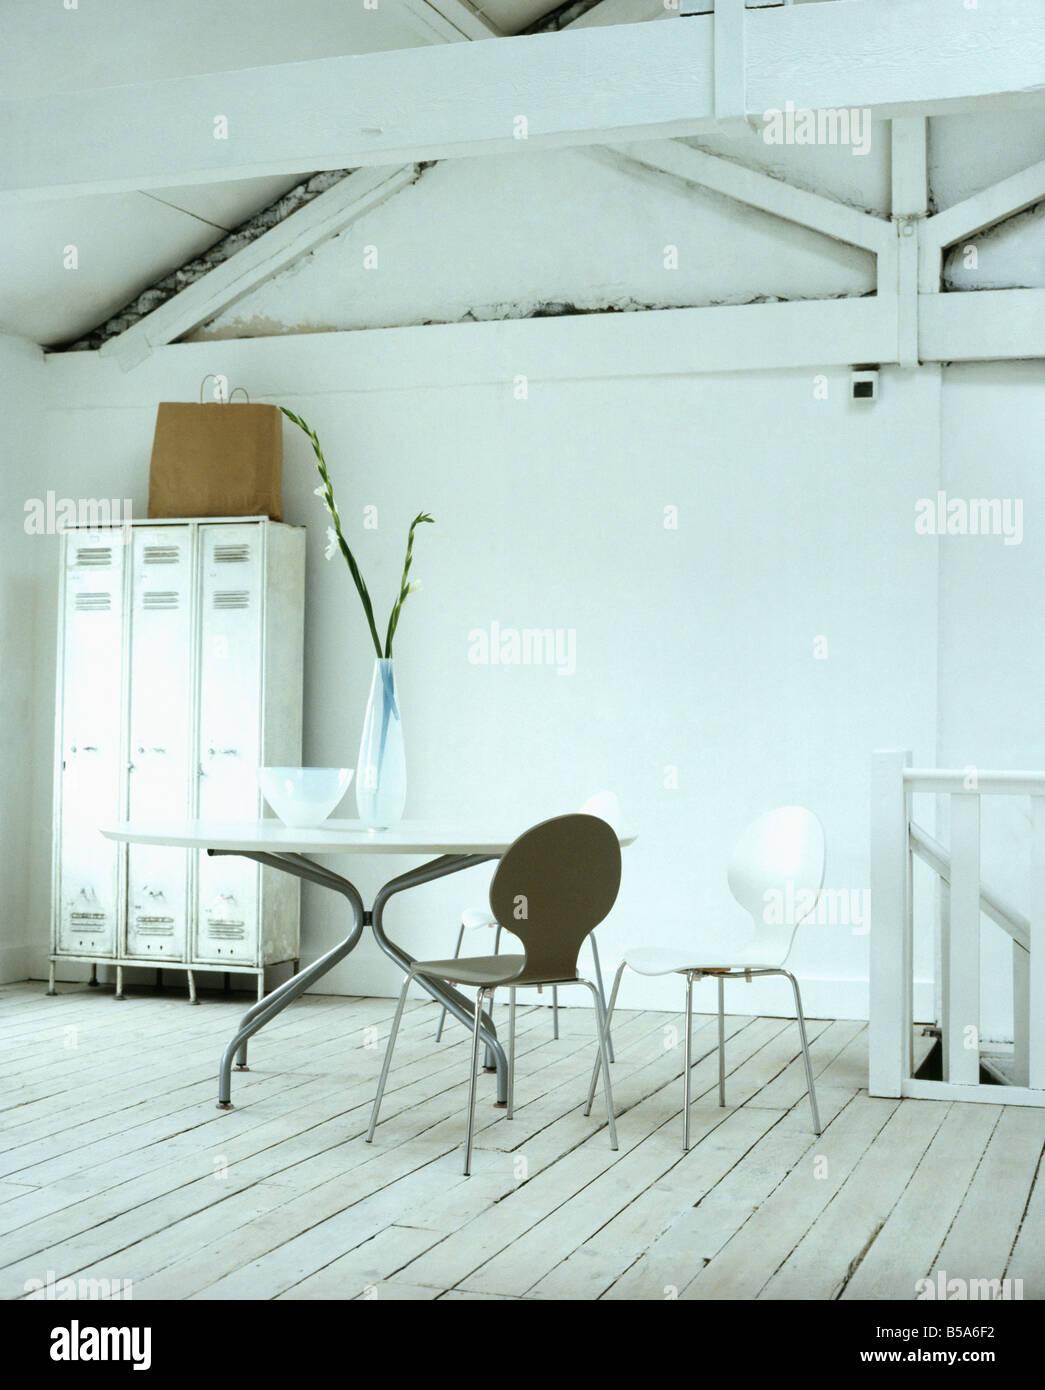 Fein Billiger Rundküchentisch Und Stühle Galerie - Küchen Design ...